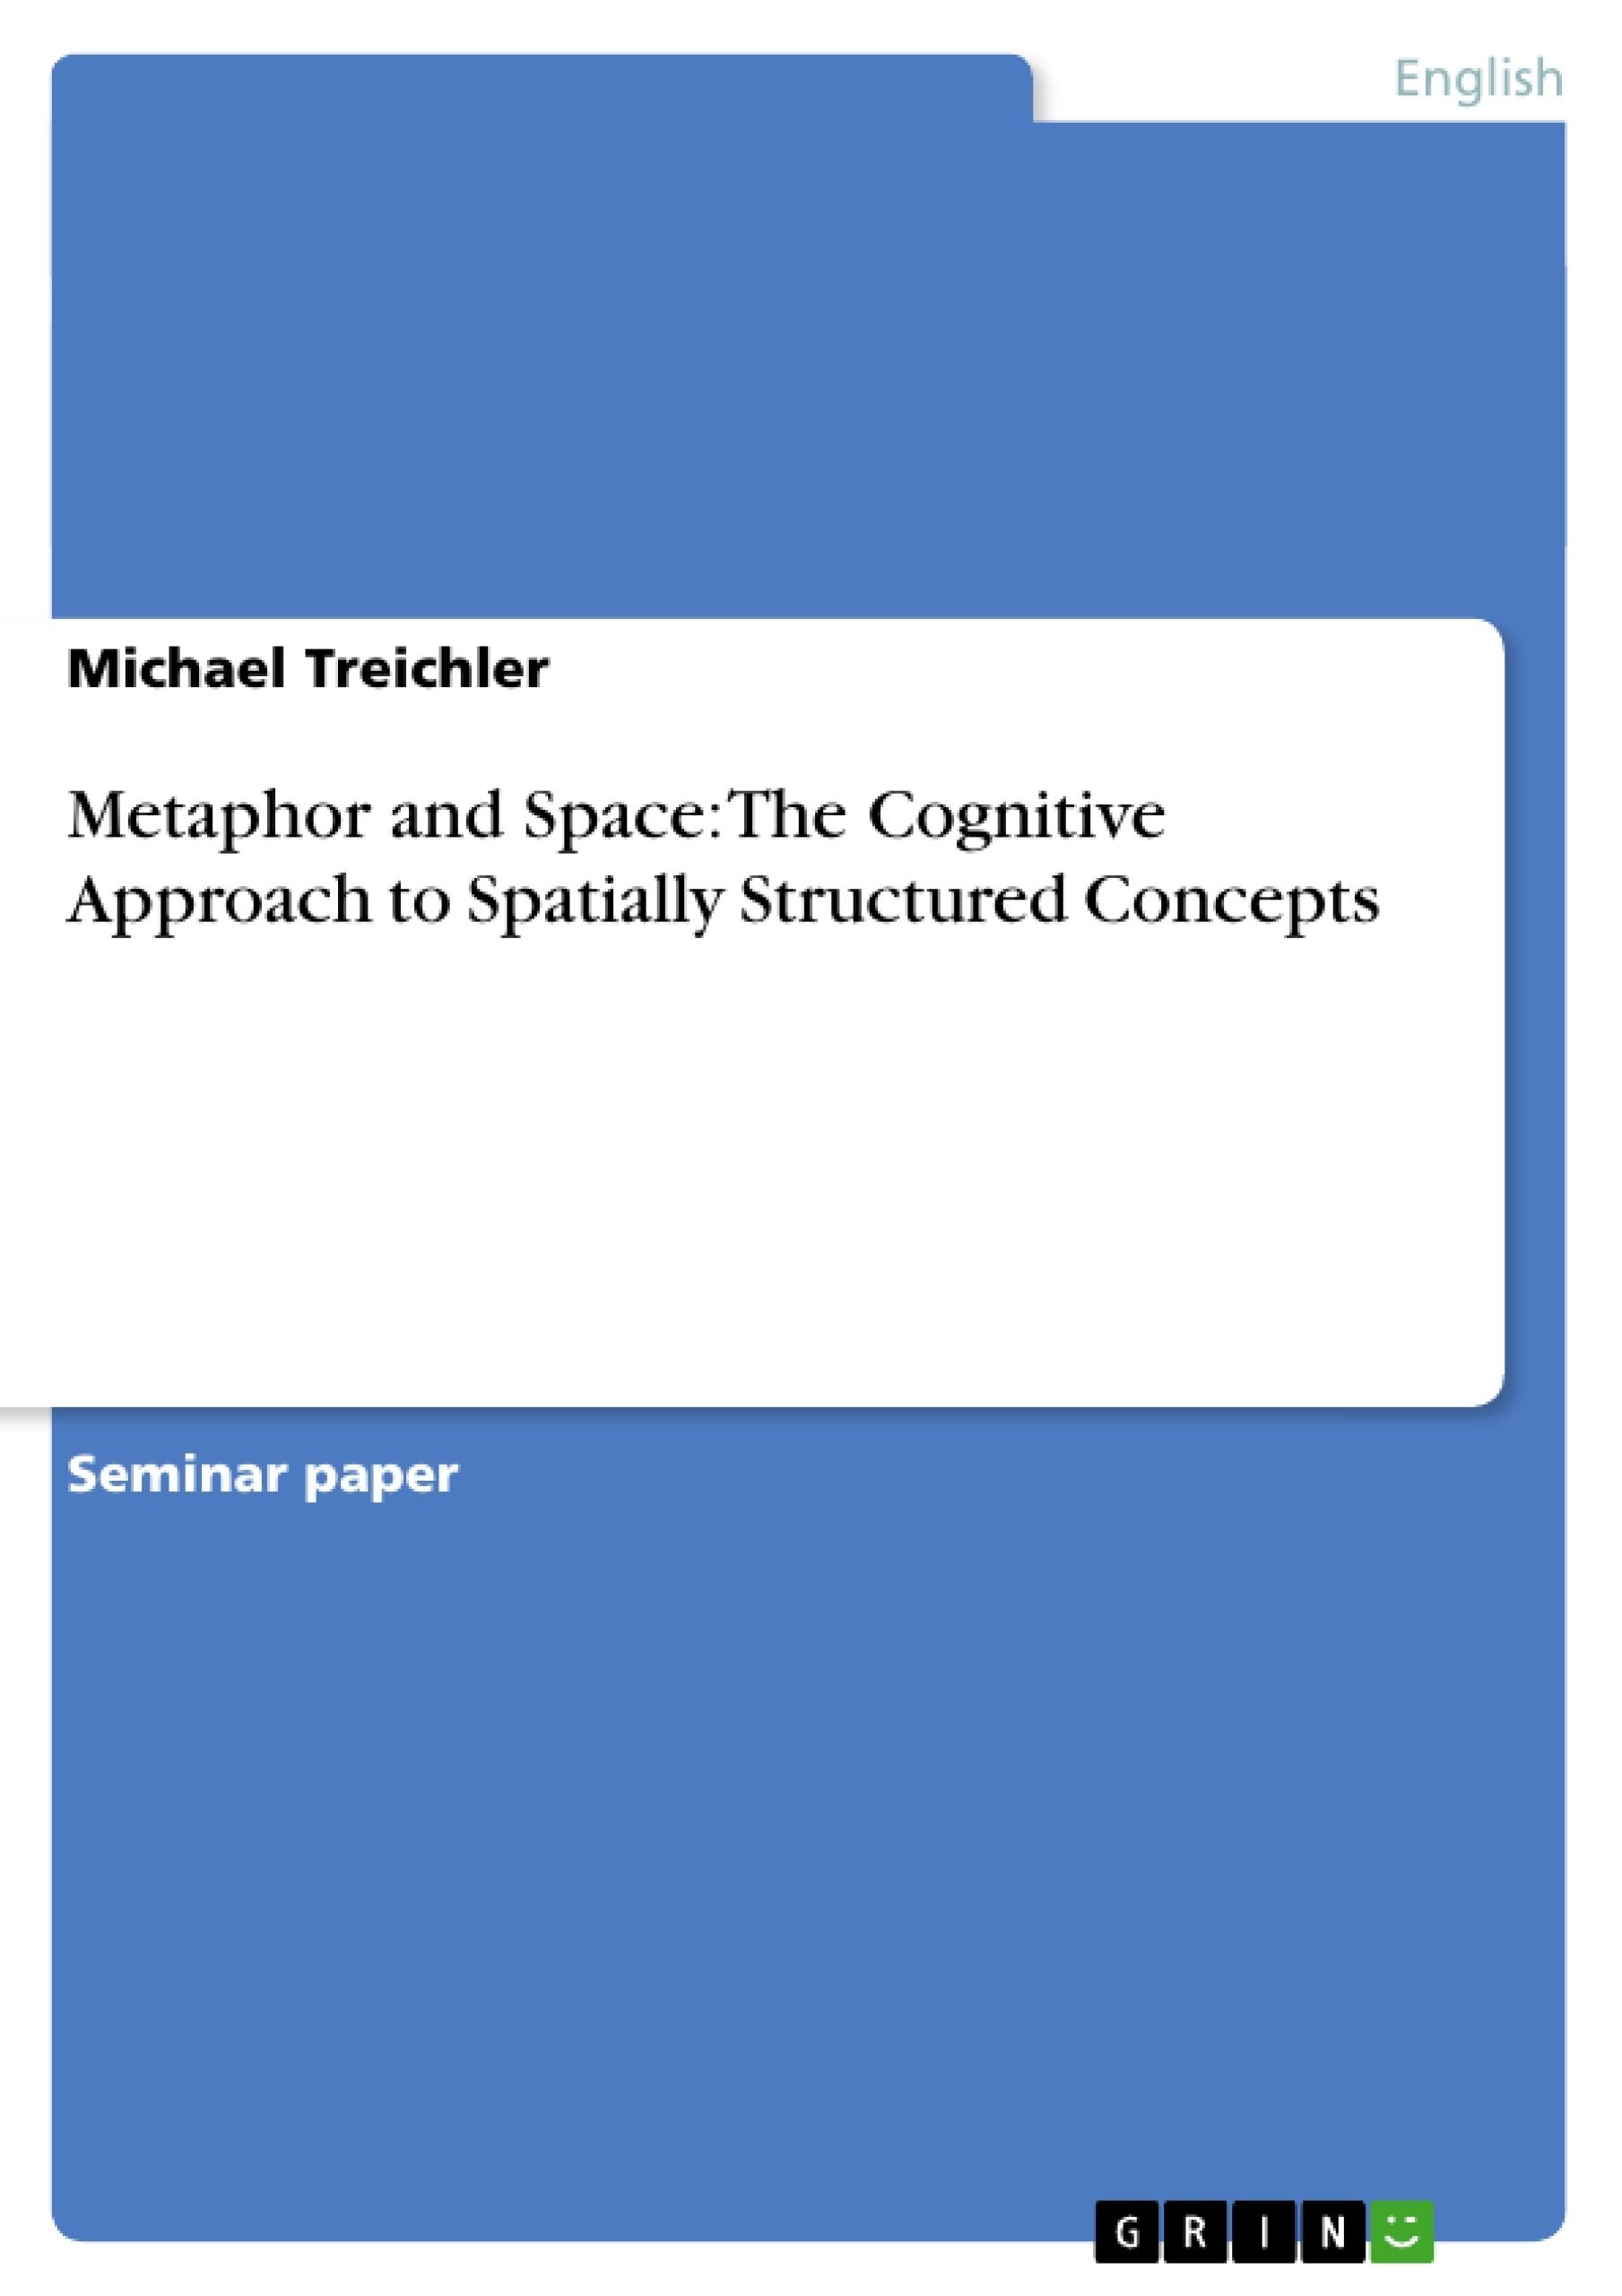 essay on cognitive linguistics